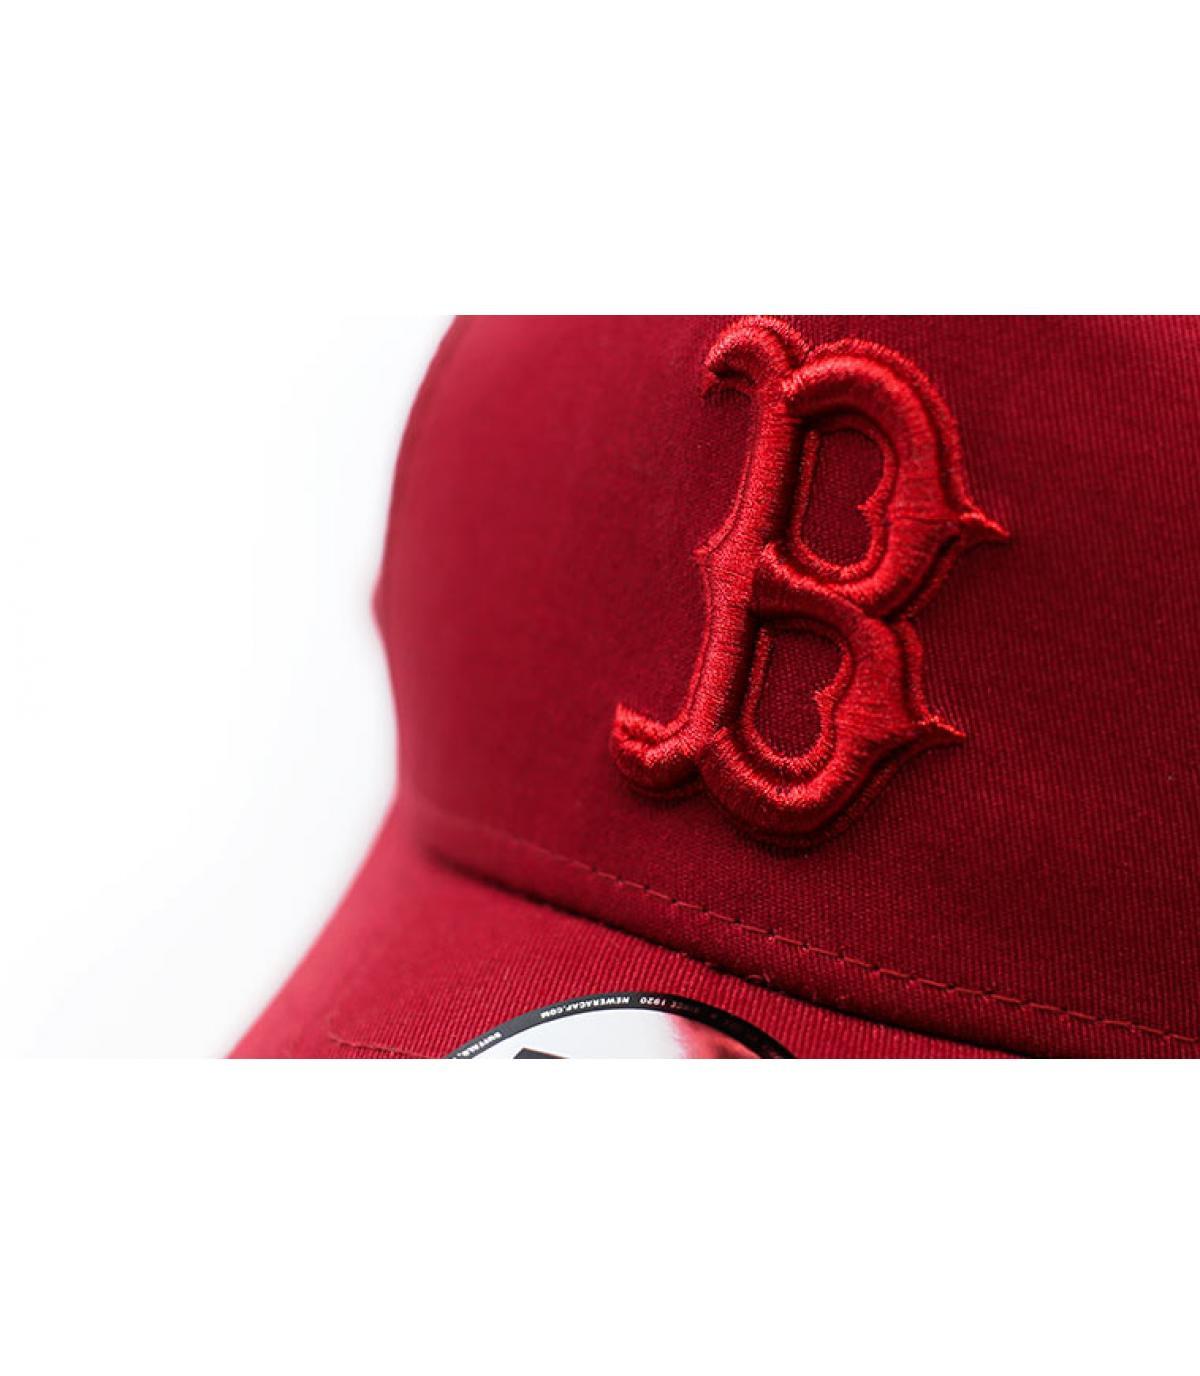 Détails League Ess Boston Aframe cardinal - image 3